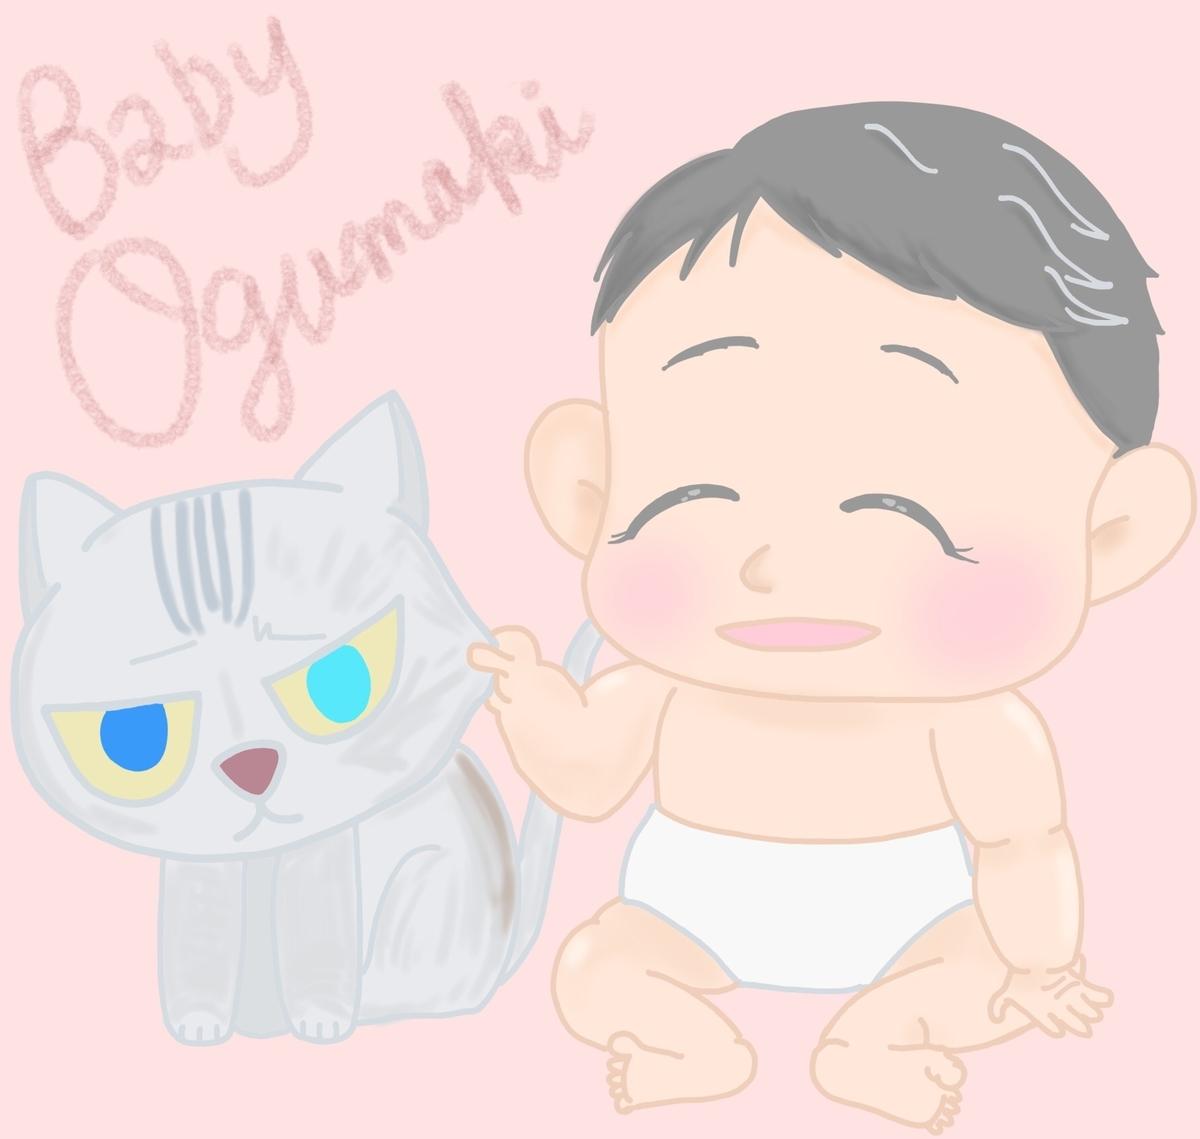 f:id:OgumakiVet:20190325195123j:plain